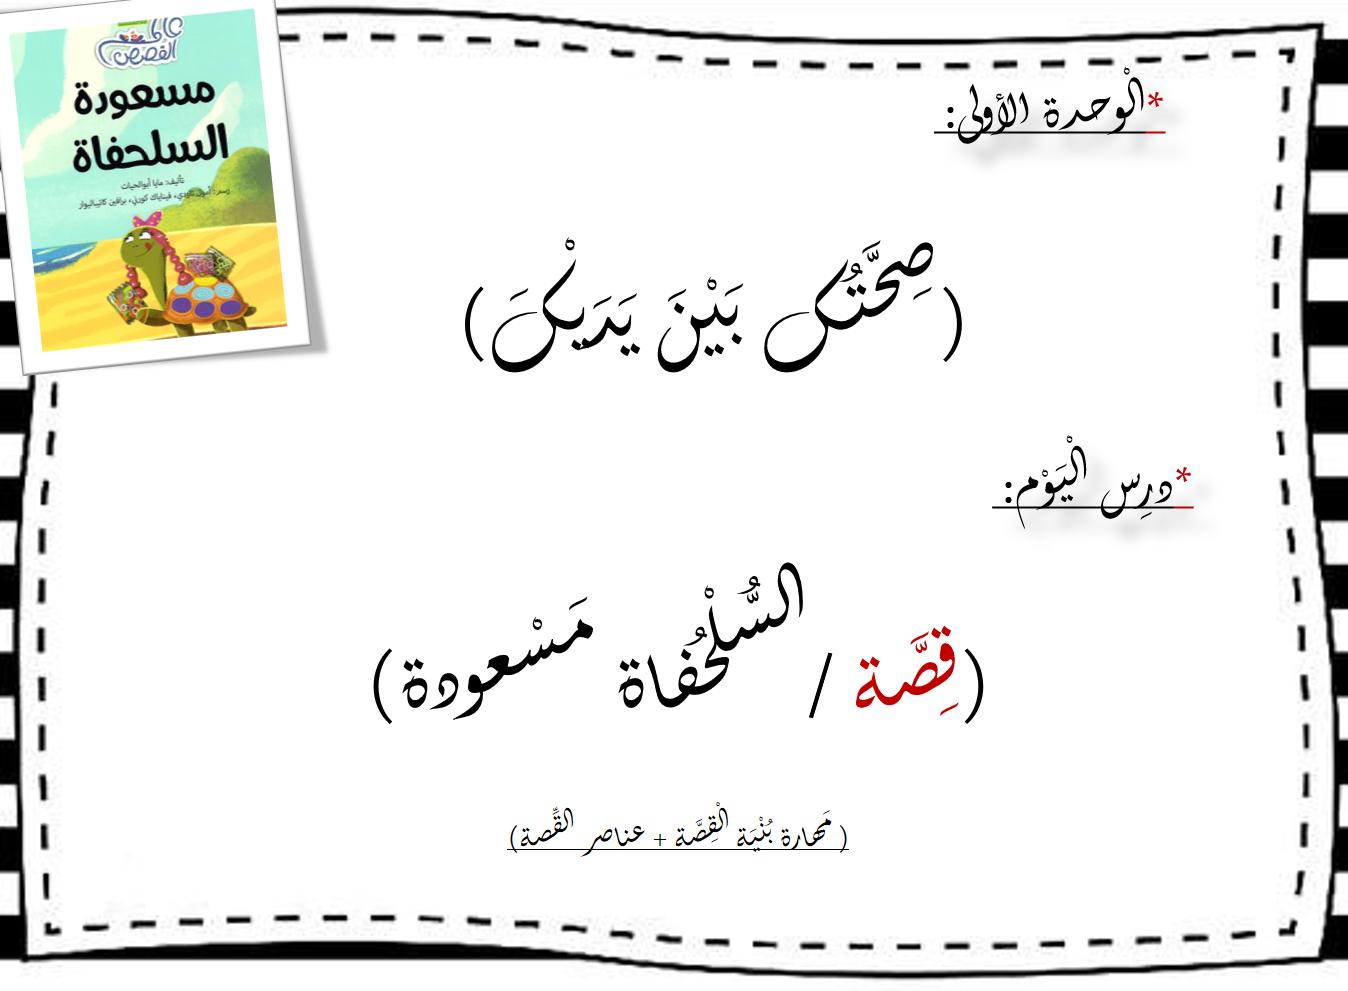 بوربوينت عناصر قصة مسعودة السلحفاة للصف الثاني مادة اللغة العربية Arabic Calligraphy Calligraphy